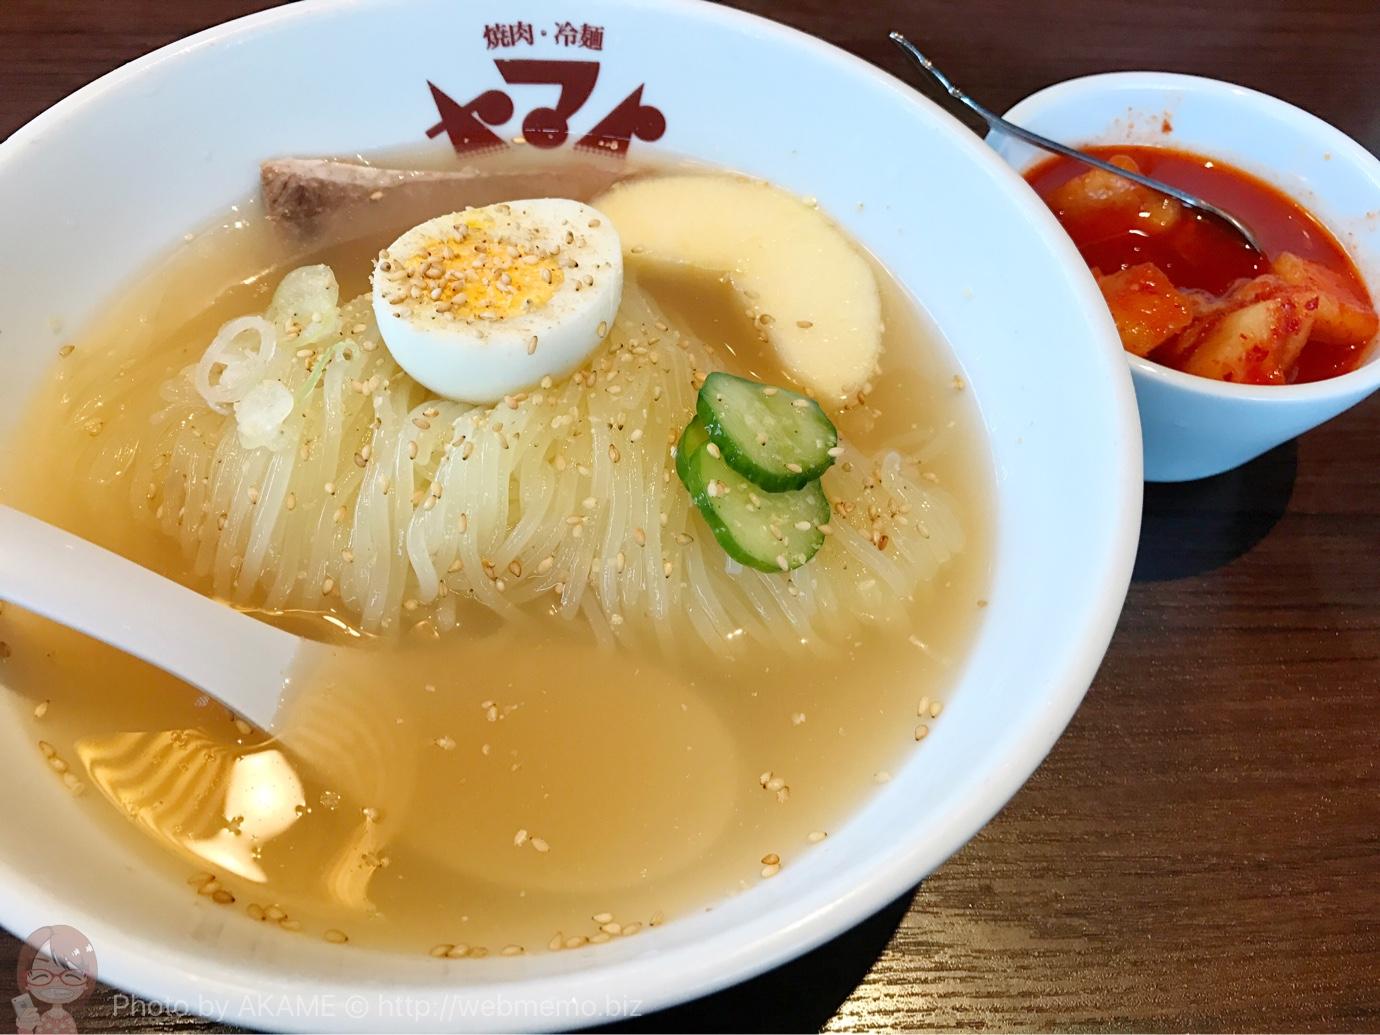 盛岡冷麺6軒を岩手で食べ歩いた私のオススメ店「ヤマト」